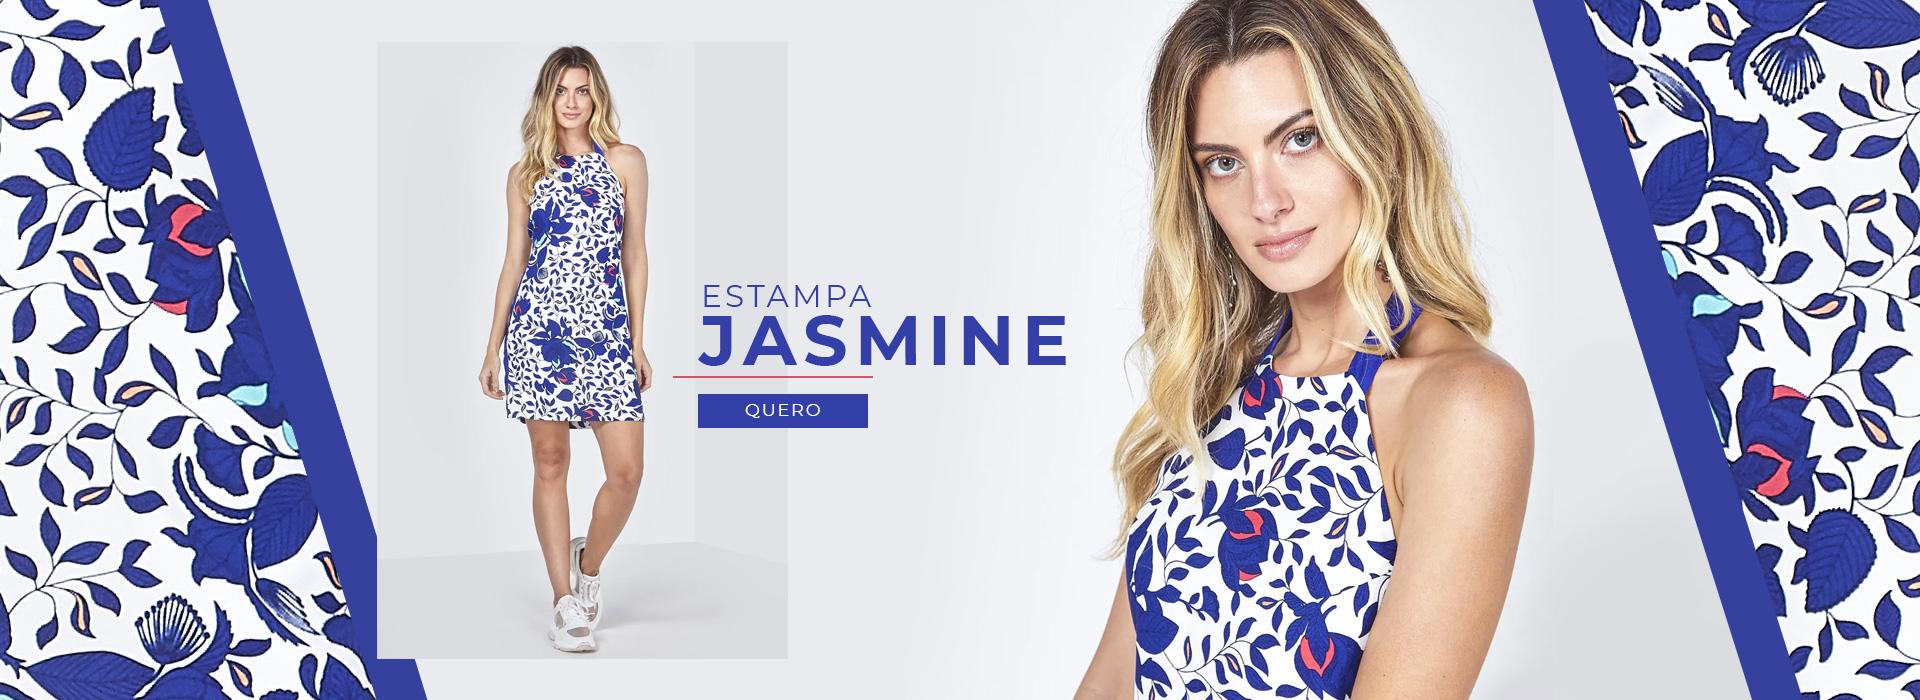 banner 04 - jasmine